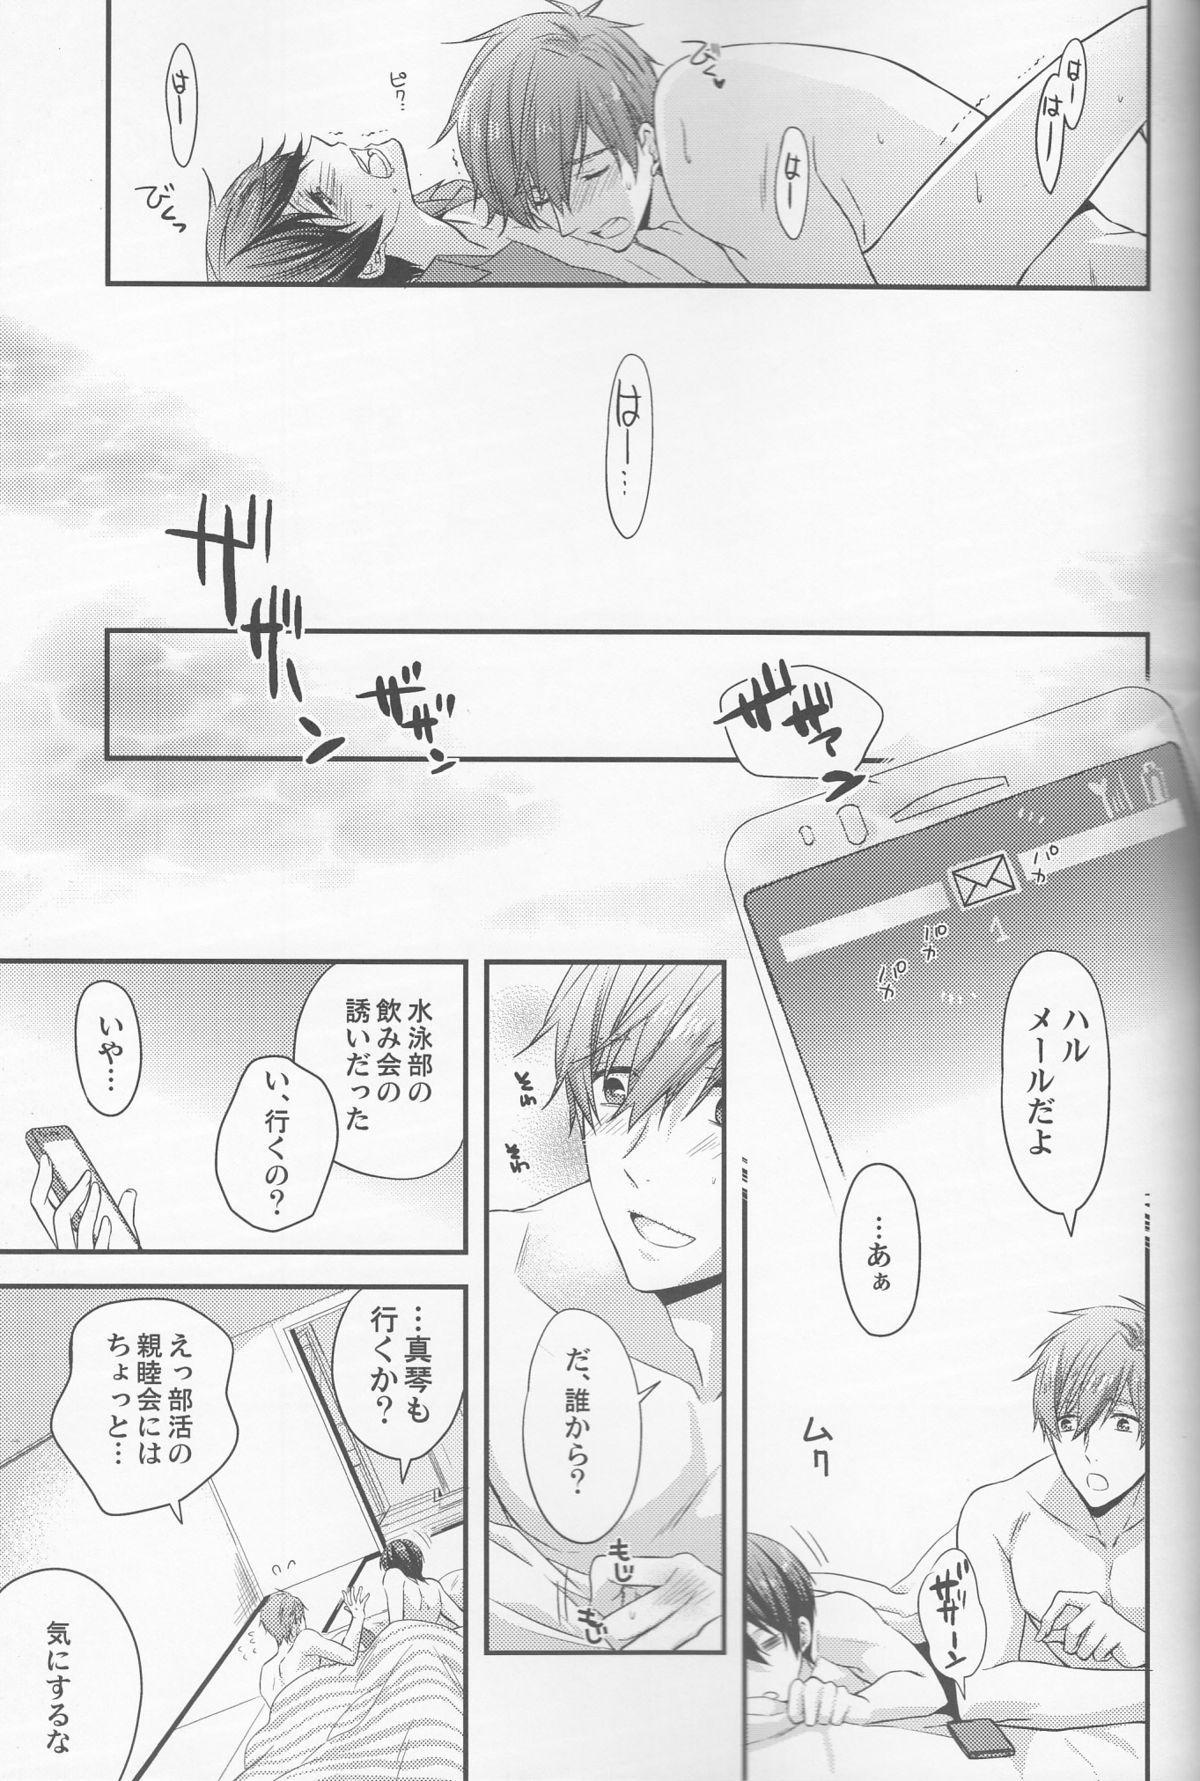 Hajimemashite Yome desu. 24